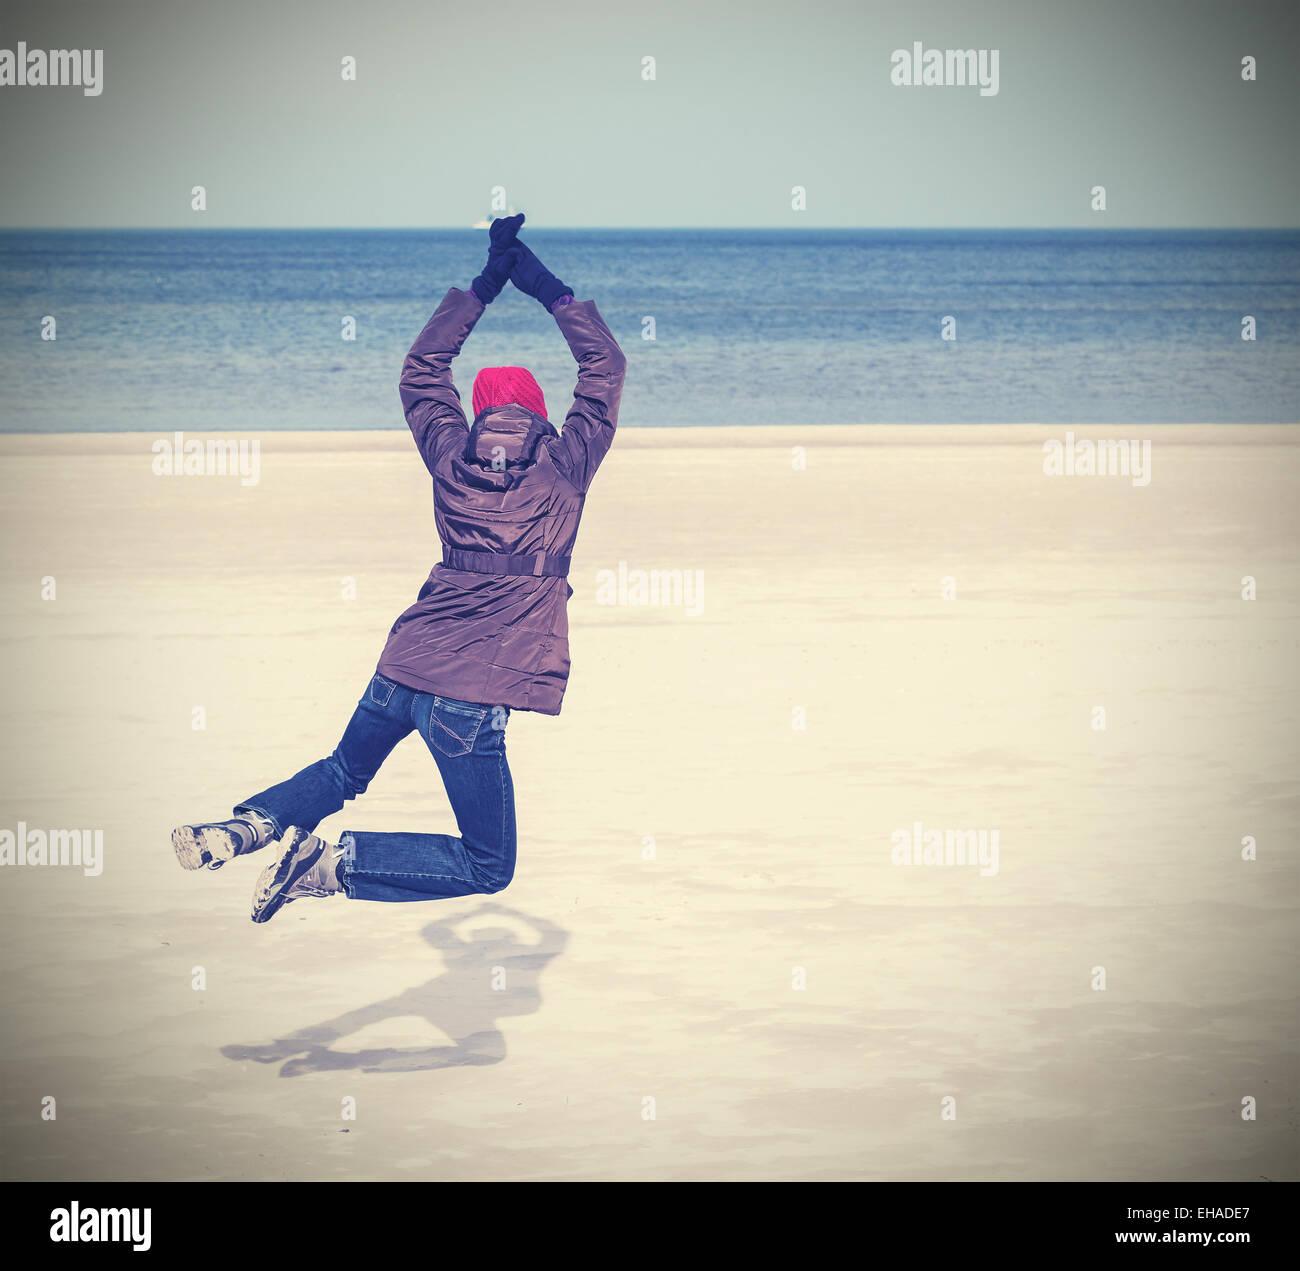 Retro photo filtrée de femme sautant sur la plage, l'hiver de vie actif concept, l'espace pour le texte. Banque D'Images